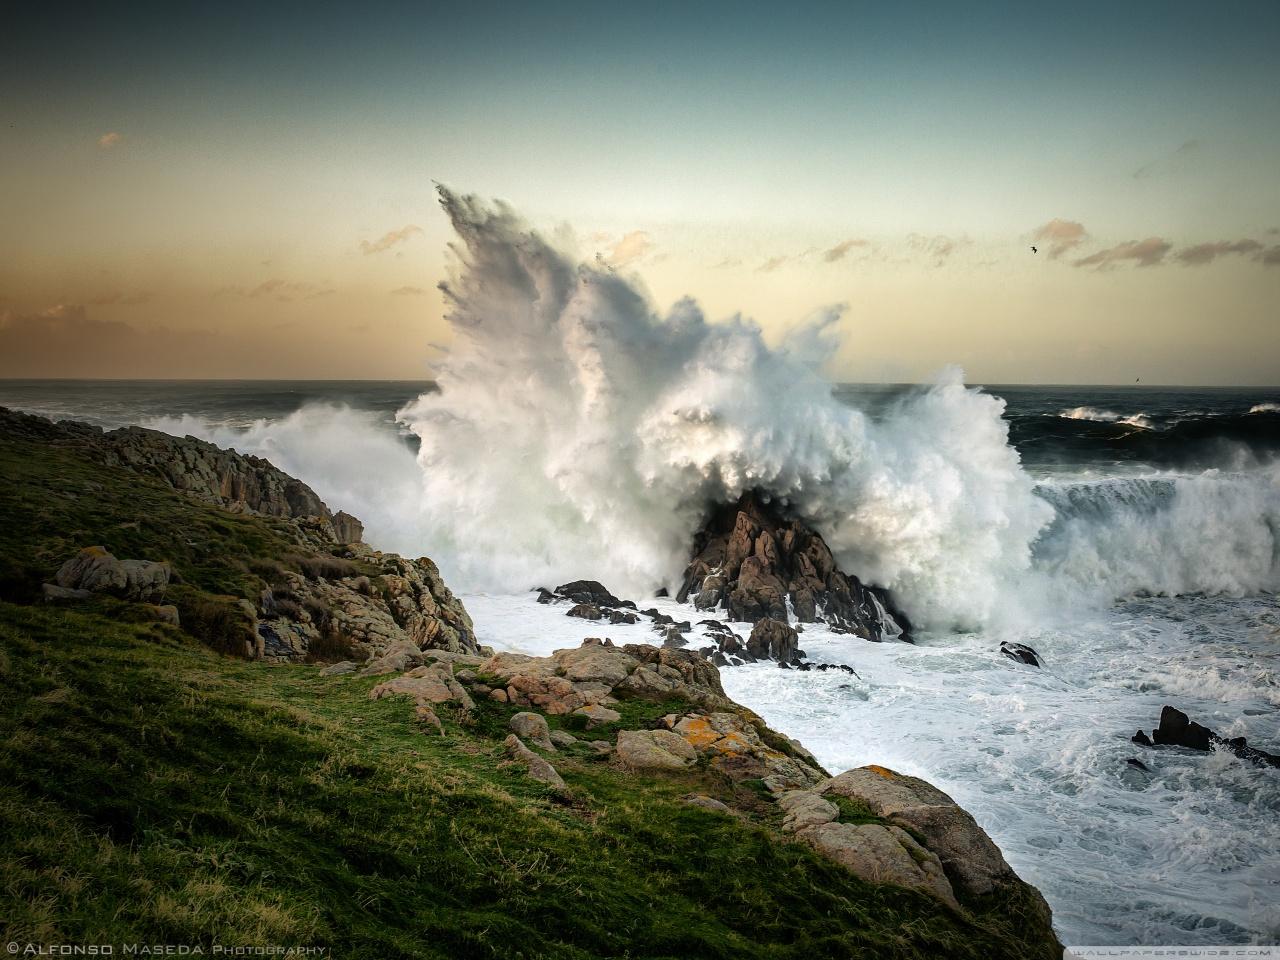 wave_crashing_on_rock-wallpaper-1280x960